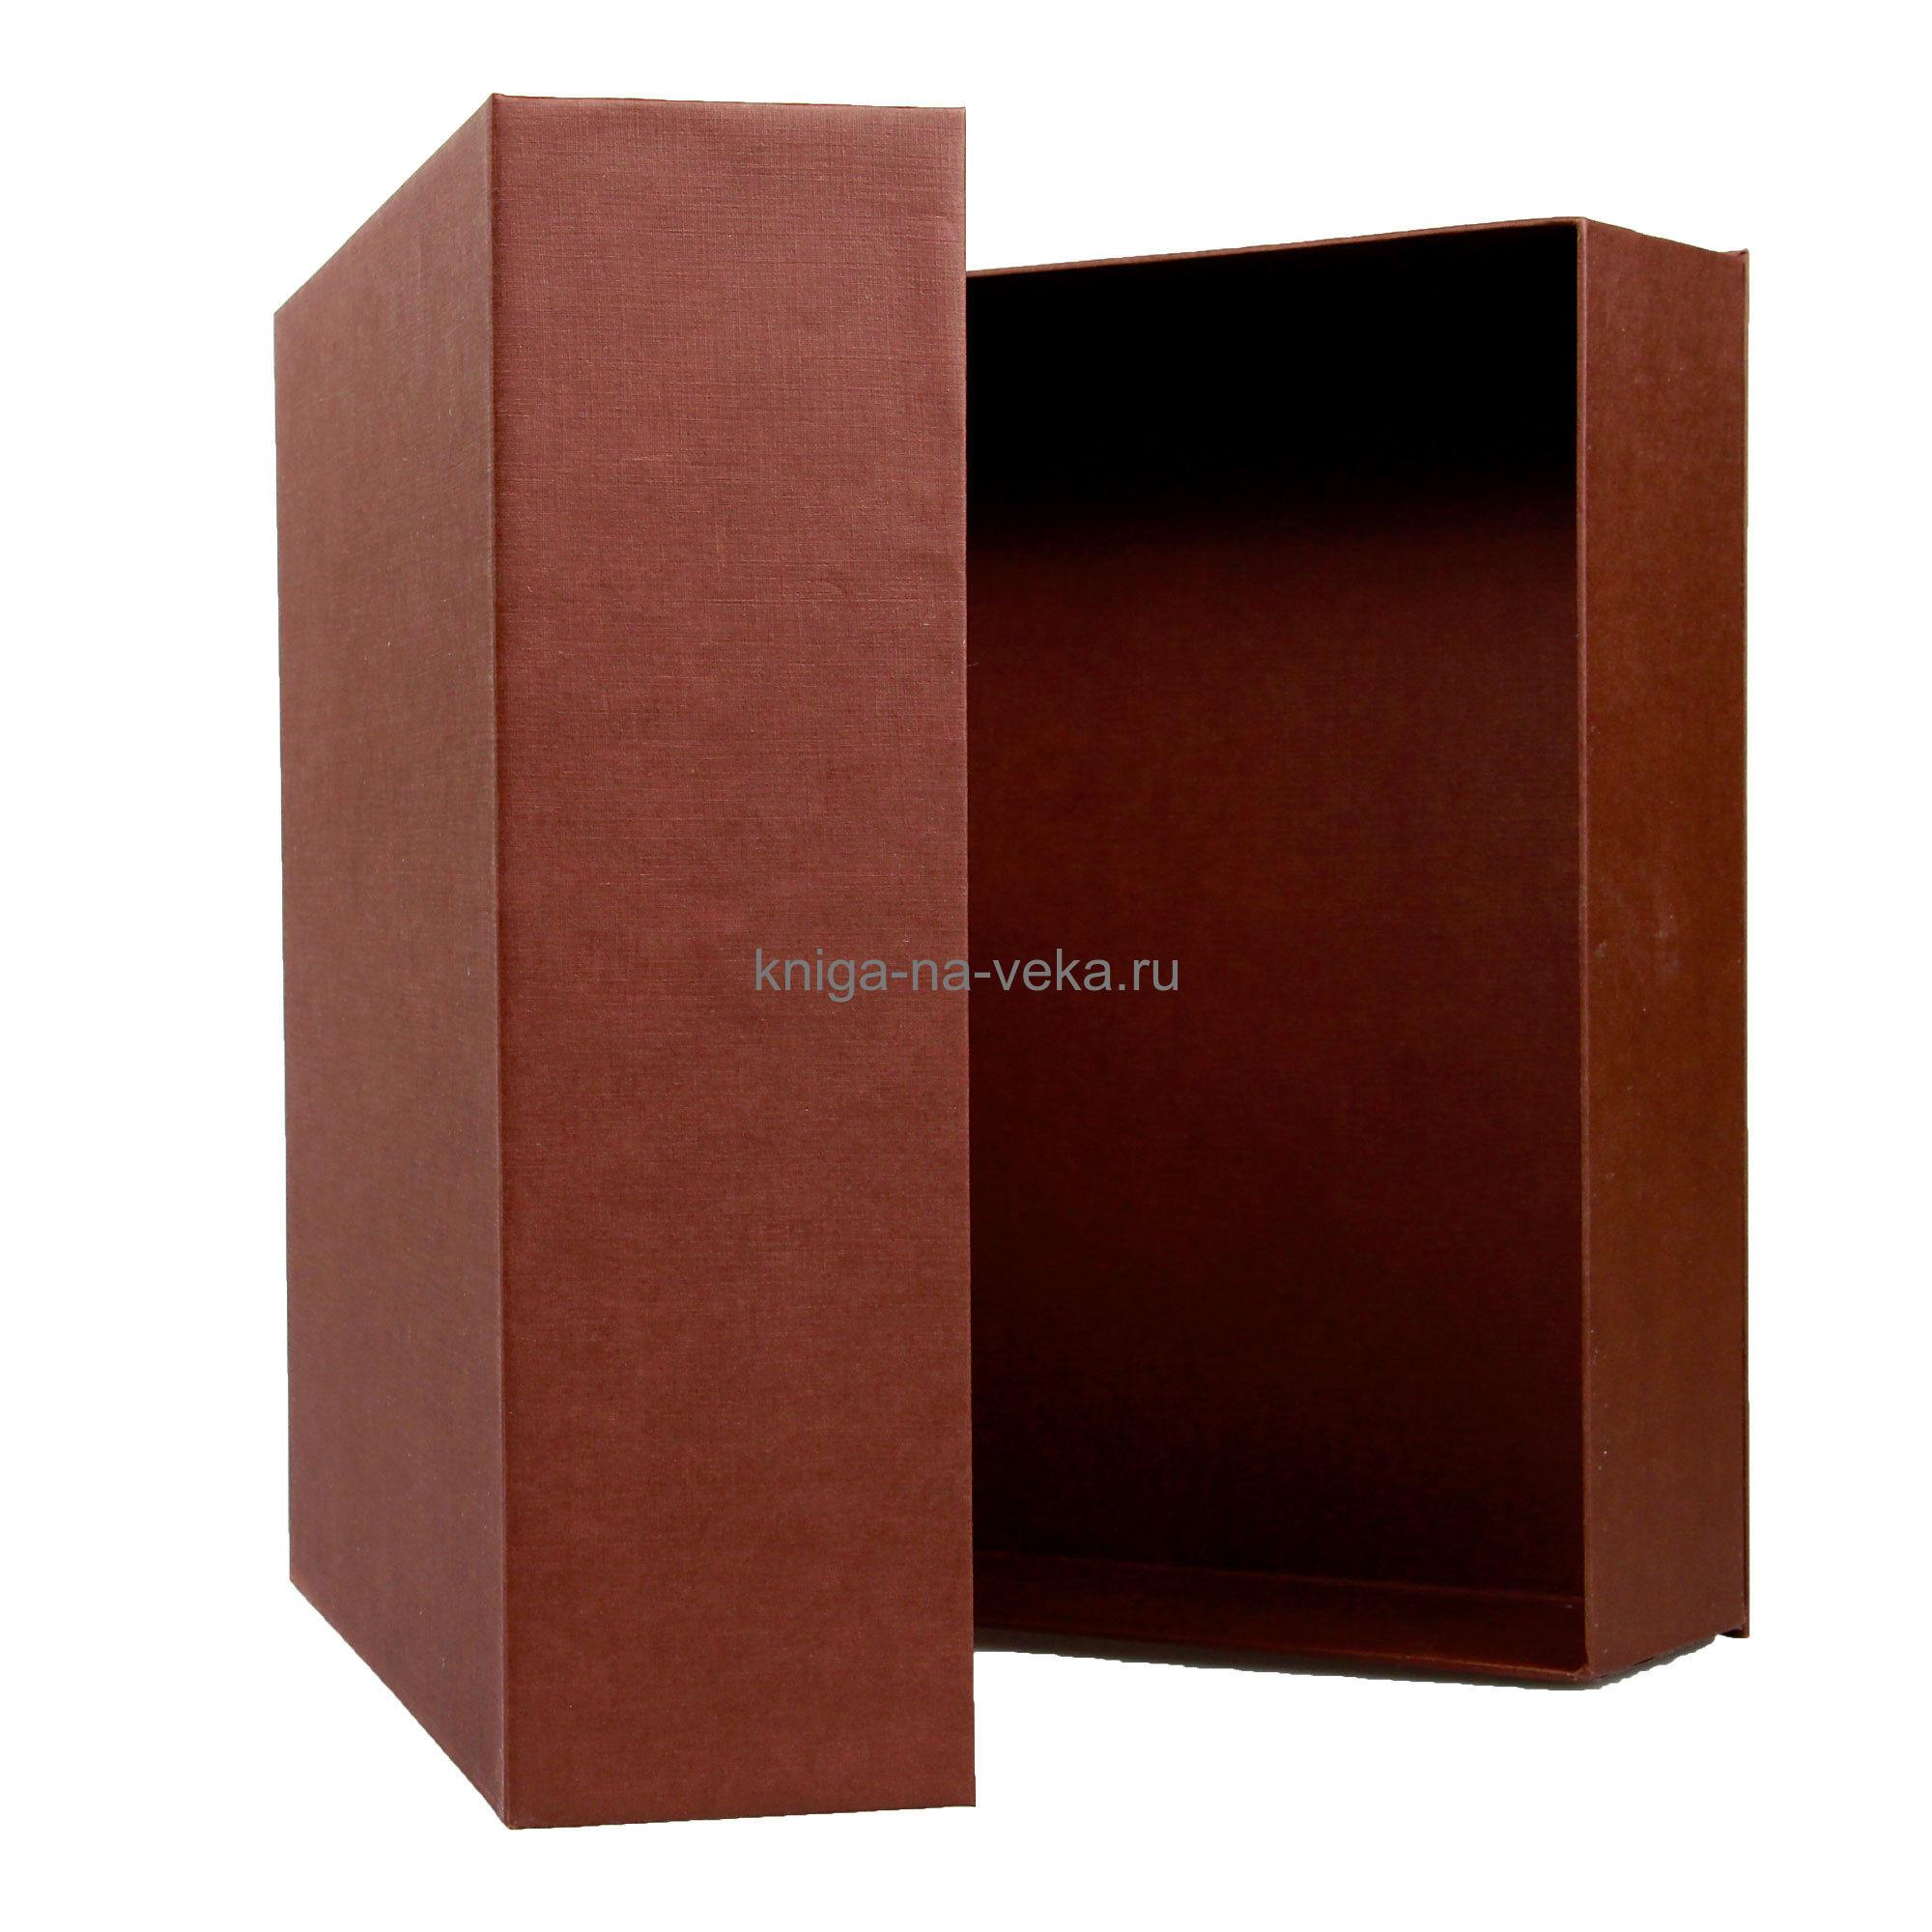 Упаковка подарочная для фотоальбома (коричневая)